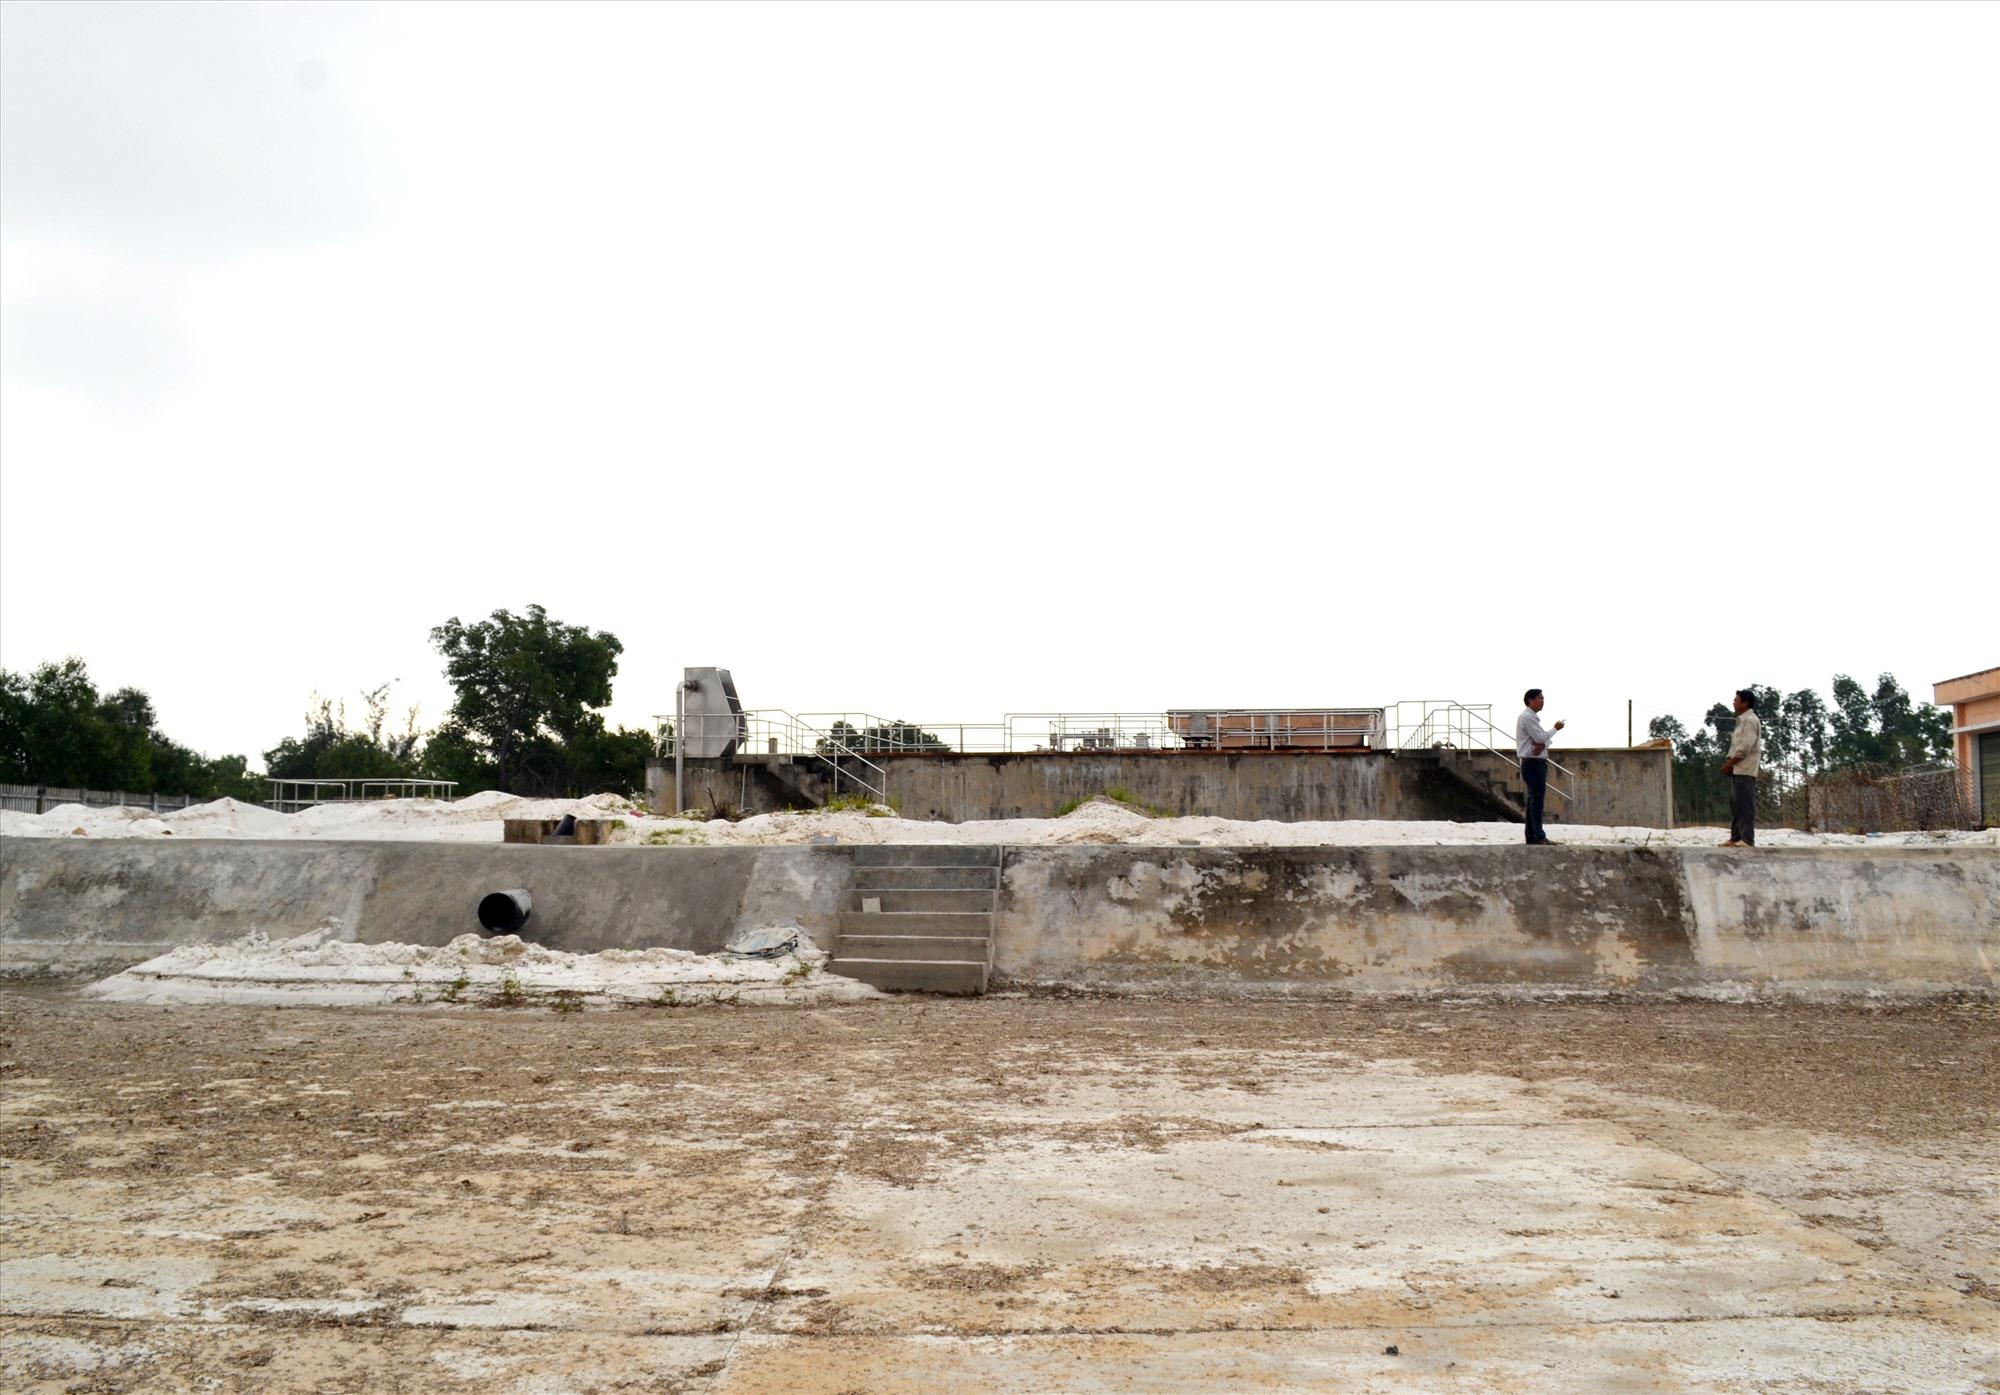 Hệ thống xử lý nước thải sắp được vận hành ở CCN Hà Lam - Chợ Được (Thăng Bình). Ảnh: VIỆT NGUYỄN